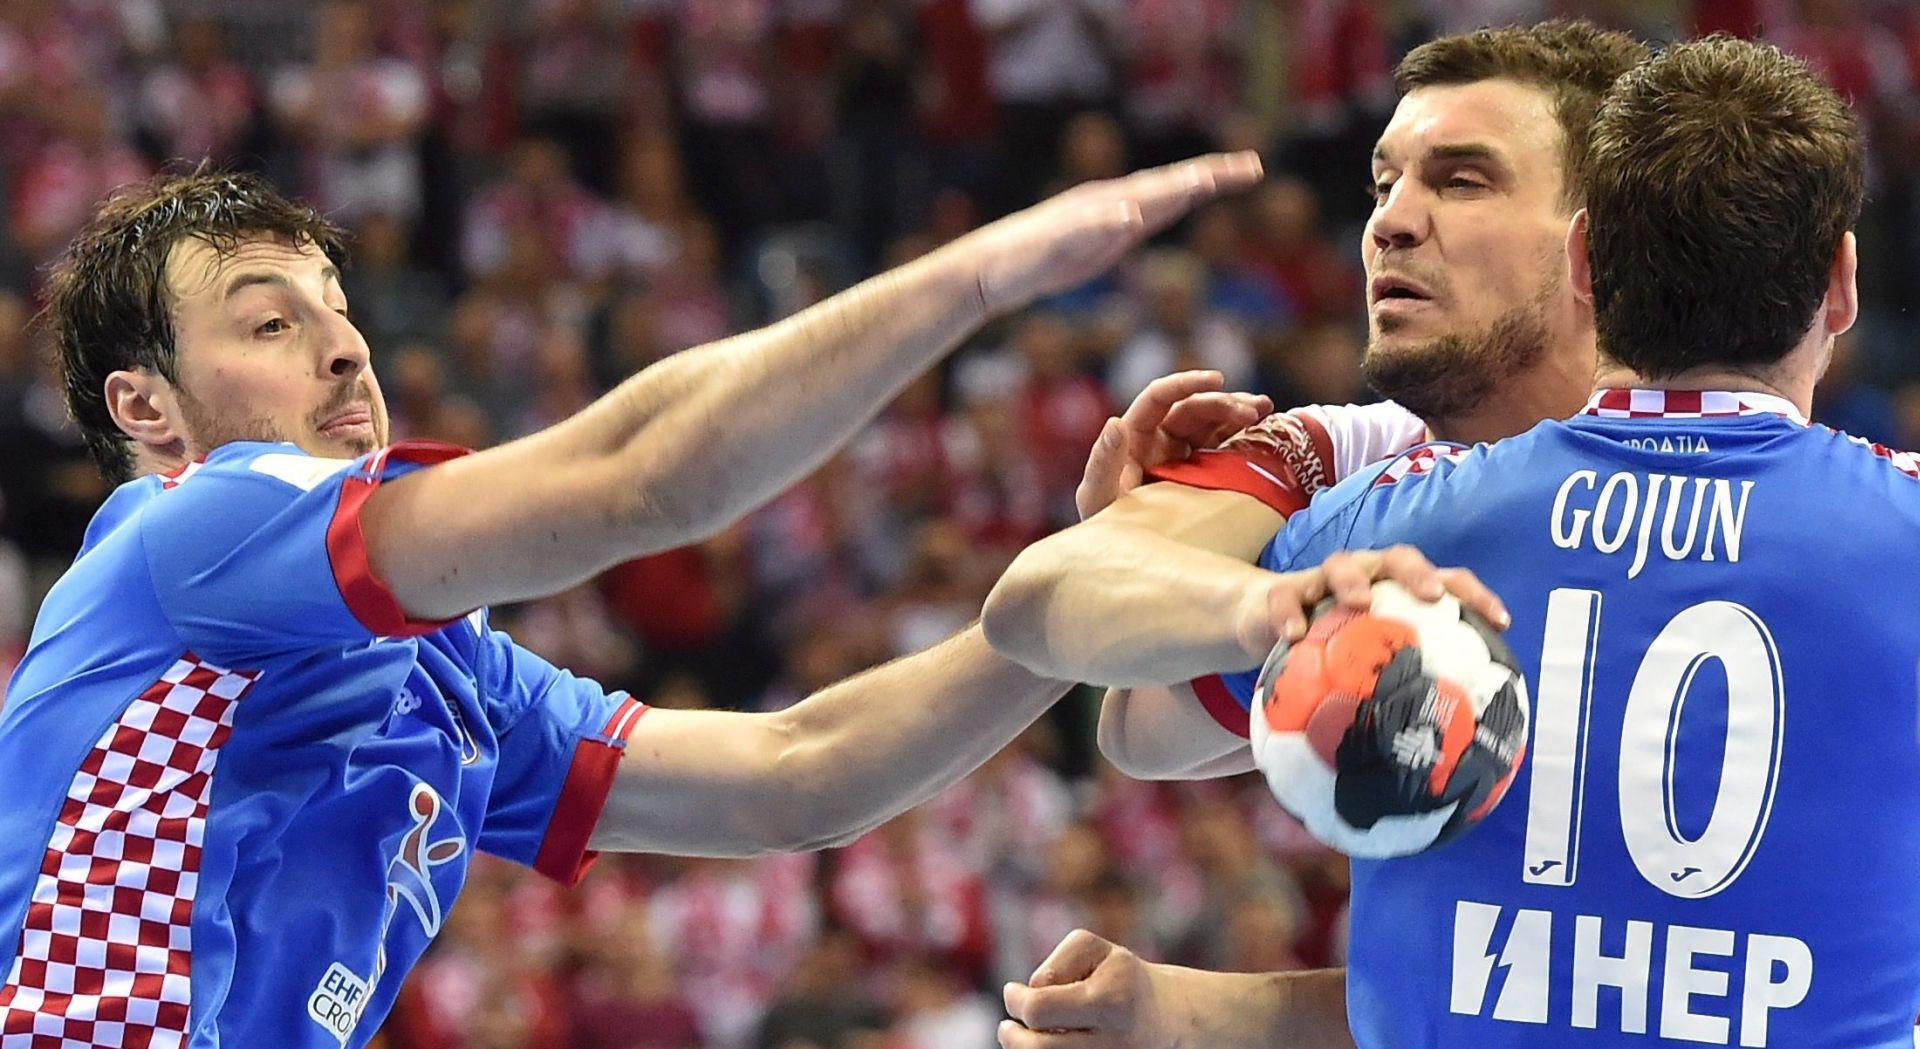 FOTO: KAKVA SENZACIJA HRVATA Hrvatski rukometaši 'razbili' domaćine Poljake s 14 razlike za polufinale EURO-a